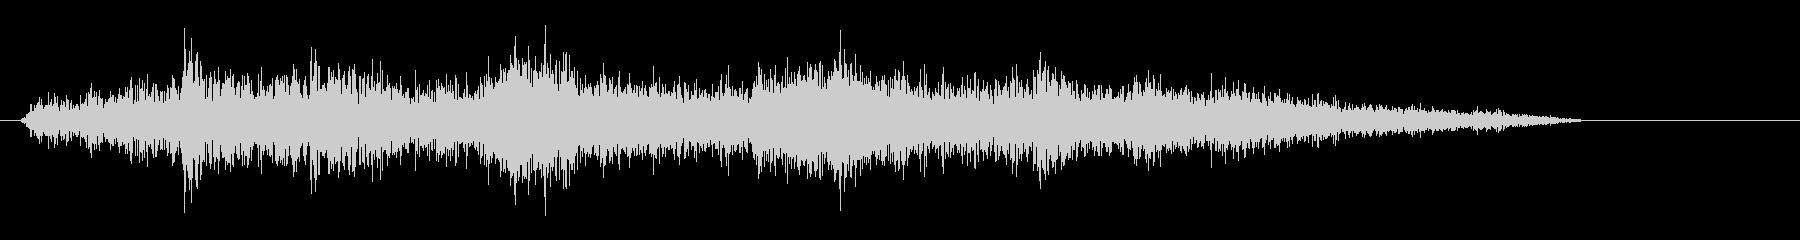 シャァァ〜(短い音)の未再生の波形